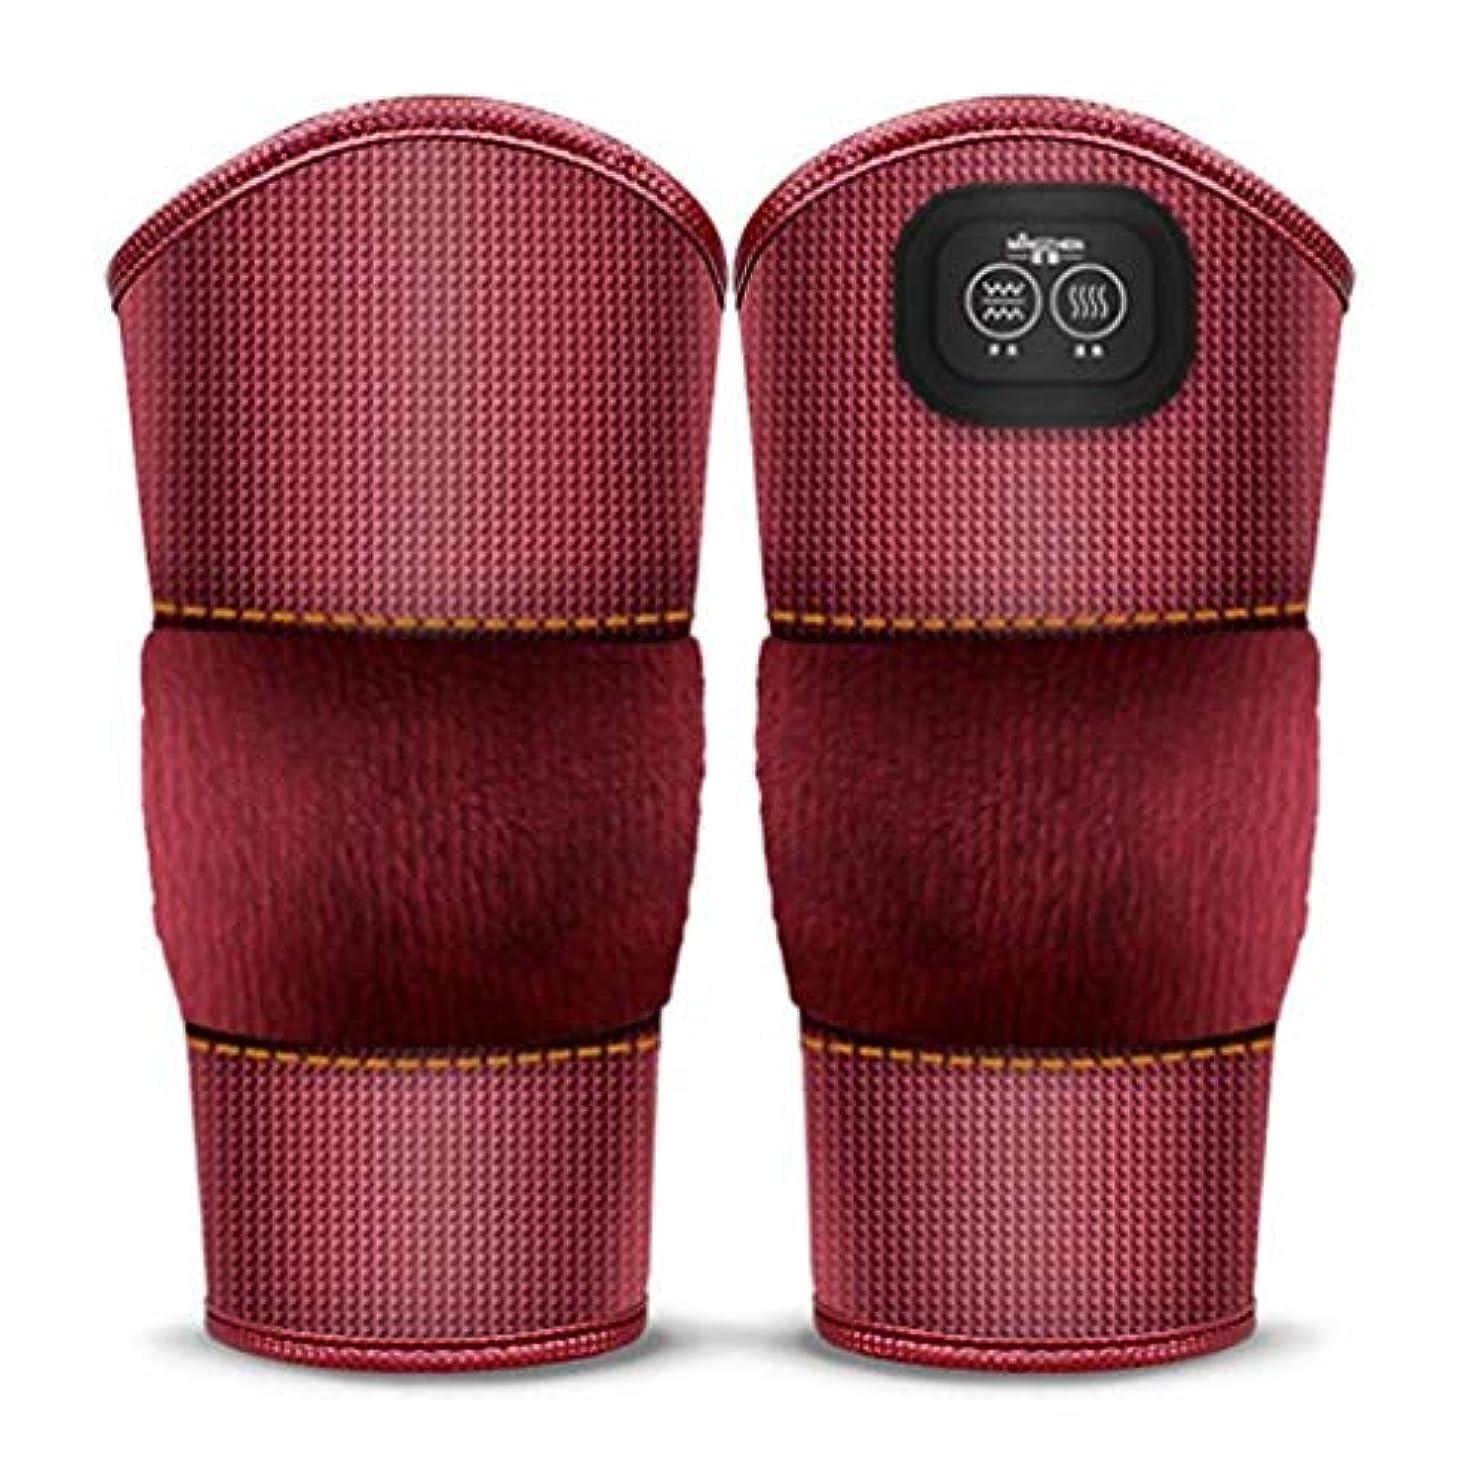 有効化どこでも融合マッサージ加熱膝ブレースラップ、プロフェッショナルな膝サポートパッド、膝捻挫の痛み、関節炎の痛み、古い冷たい脚の関節痛